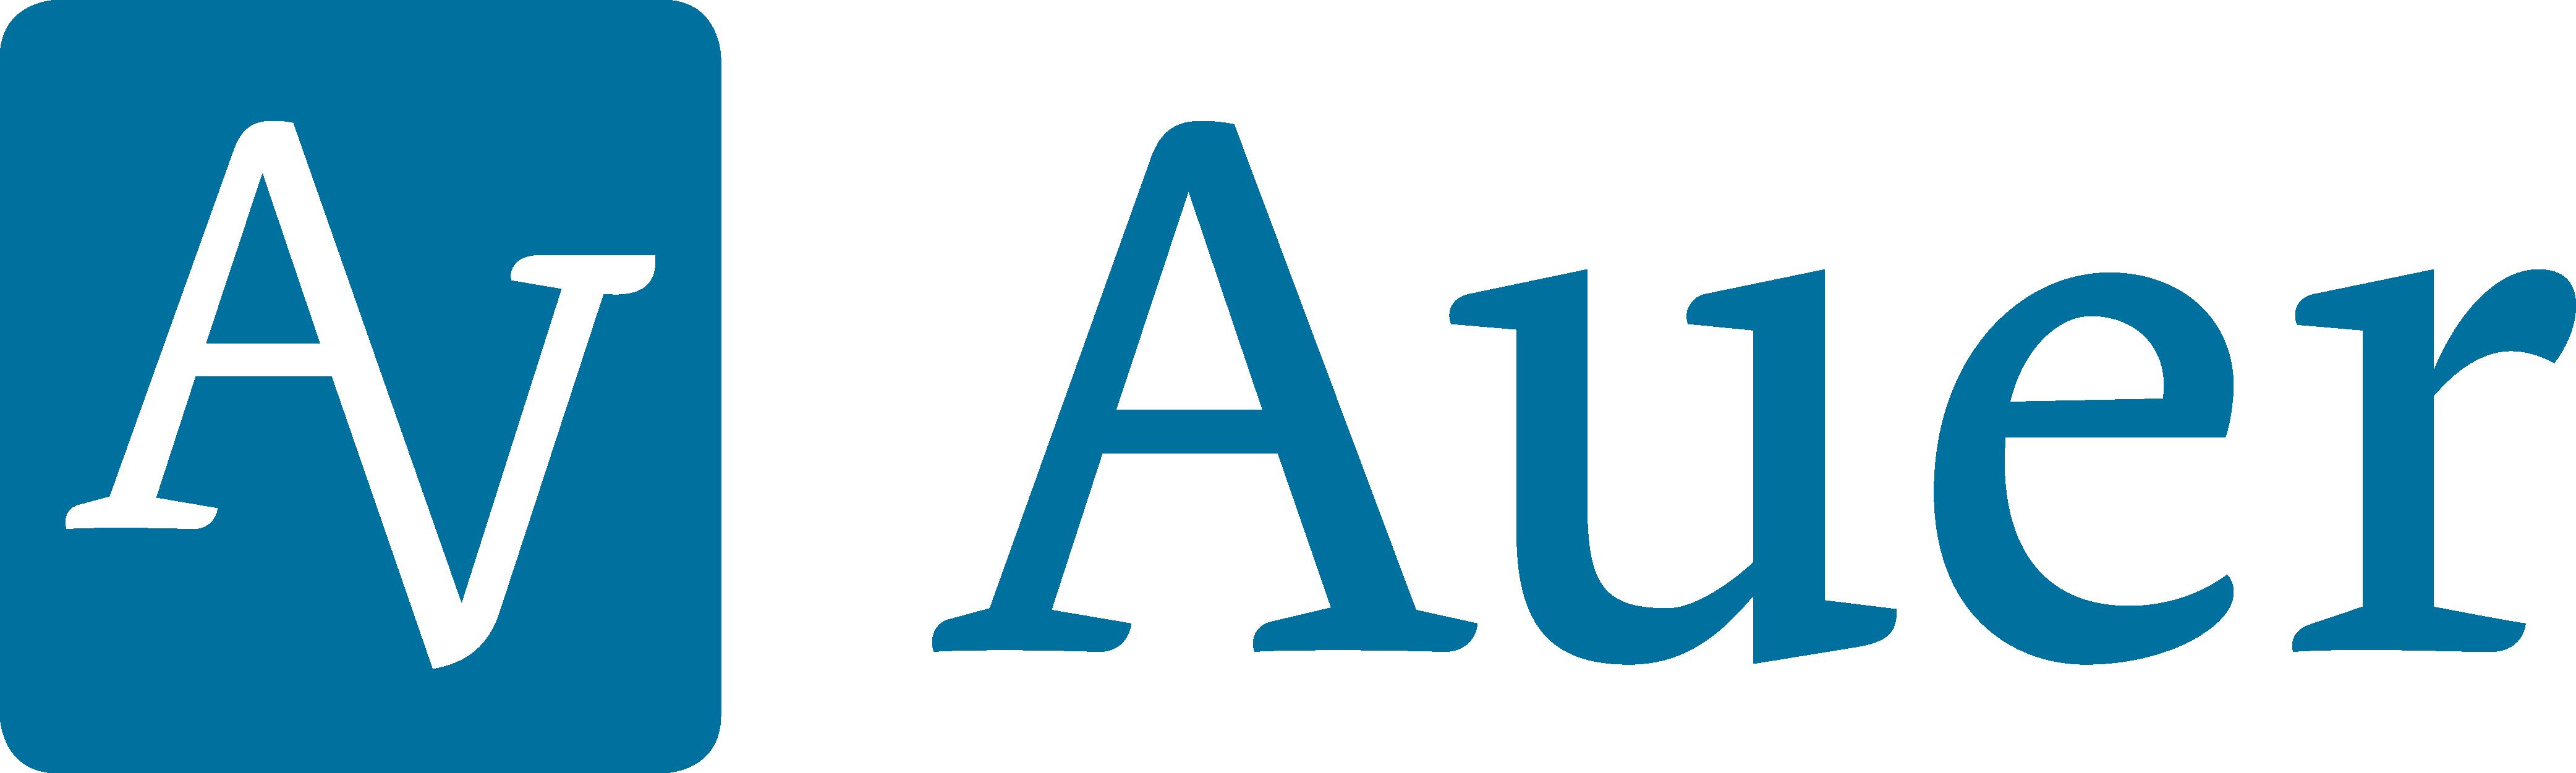 Auer Verlag i.d.AAP LW